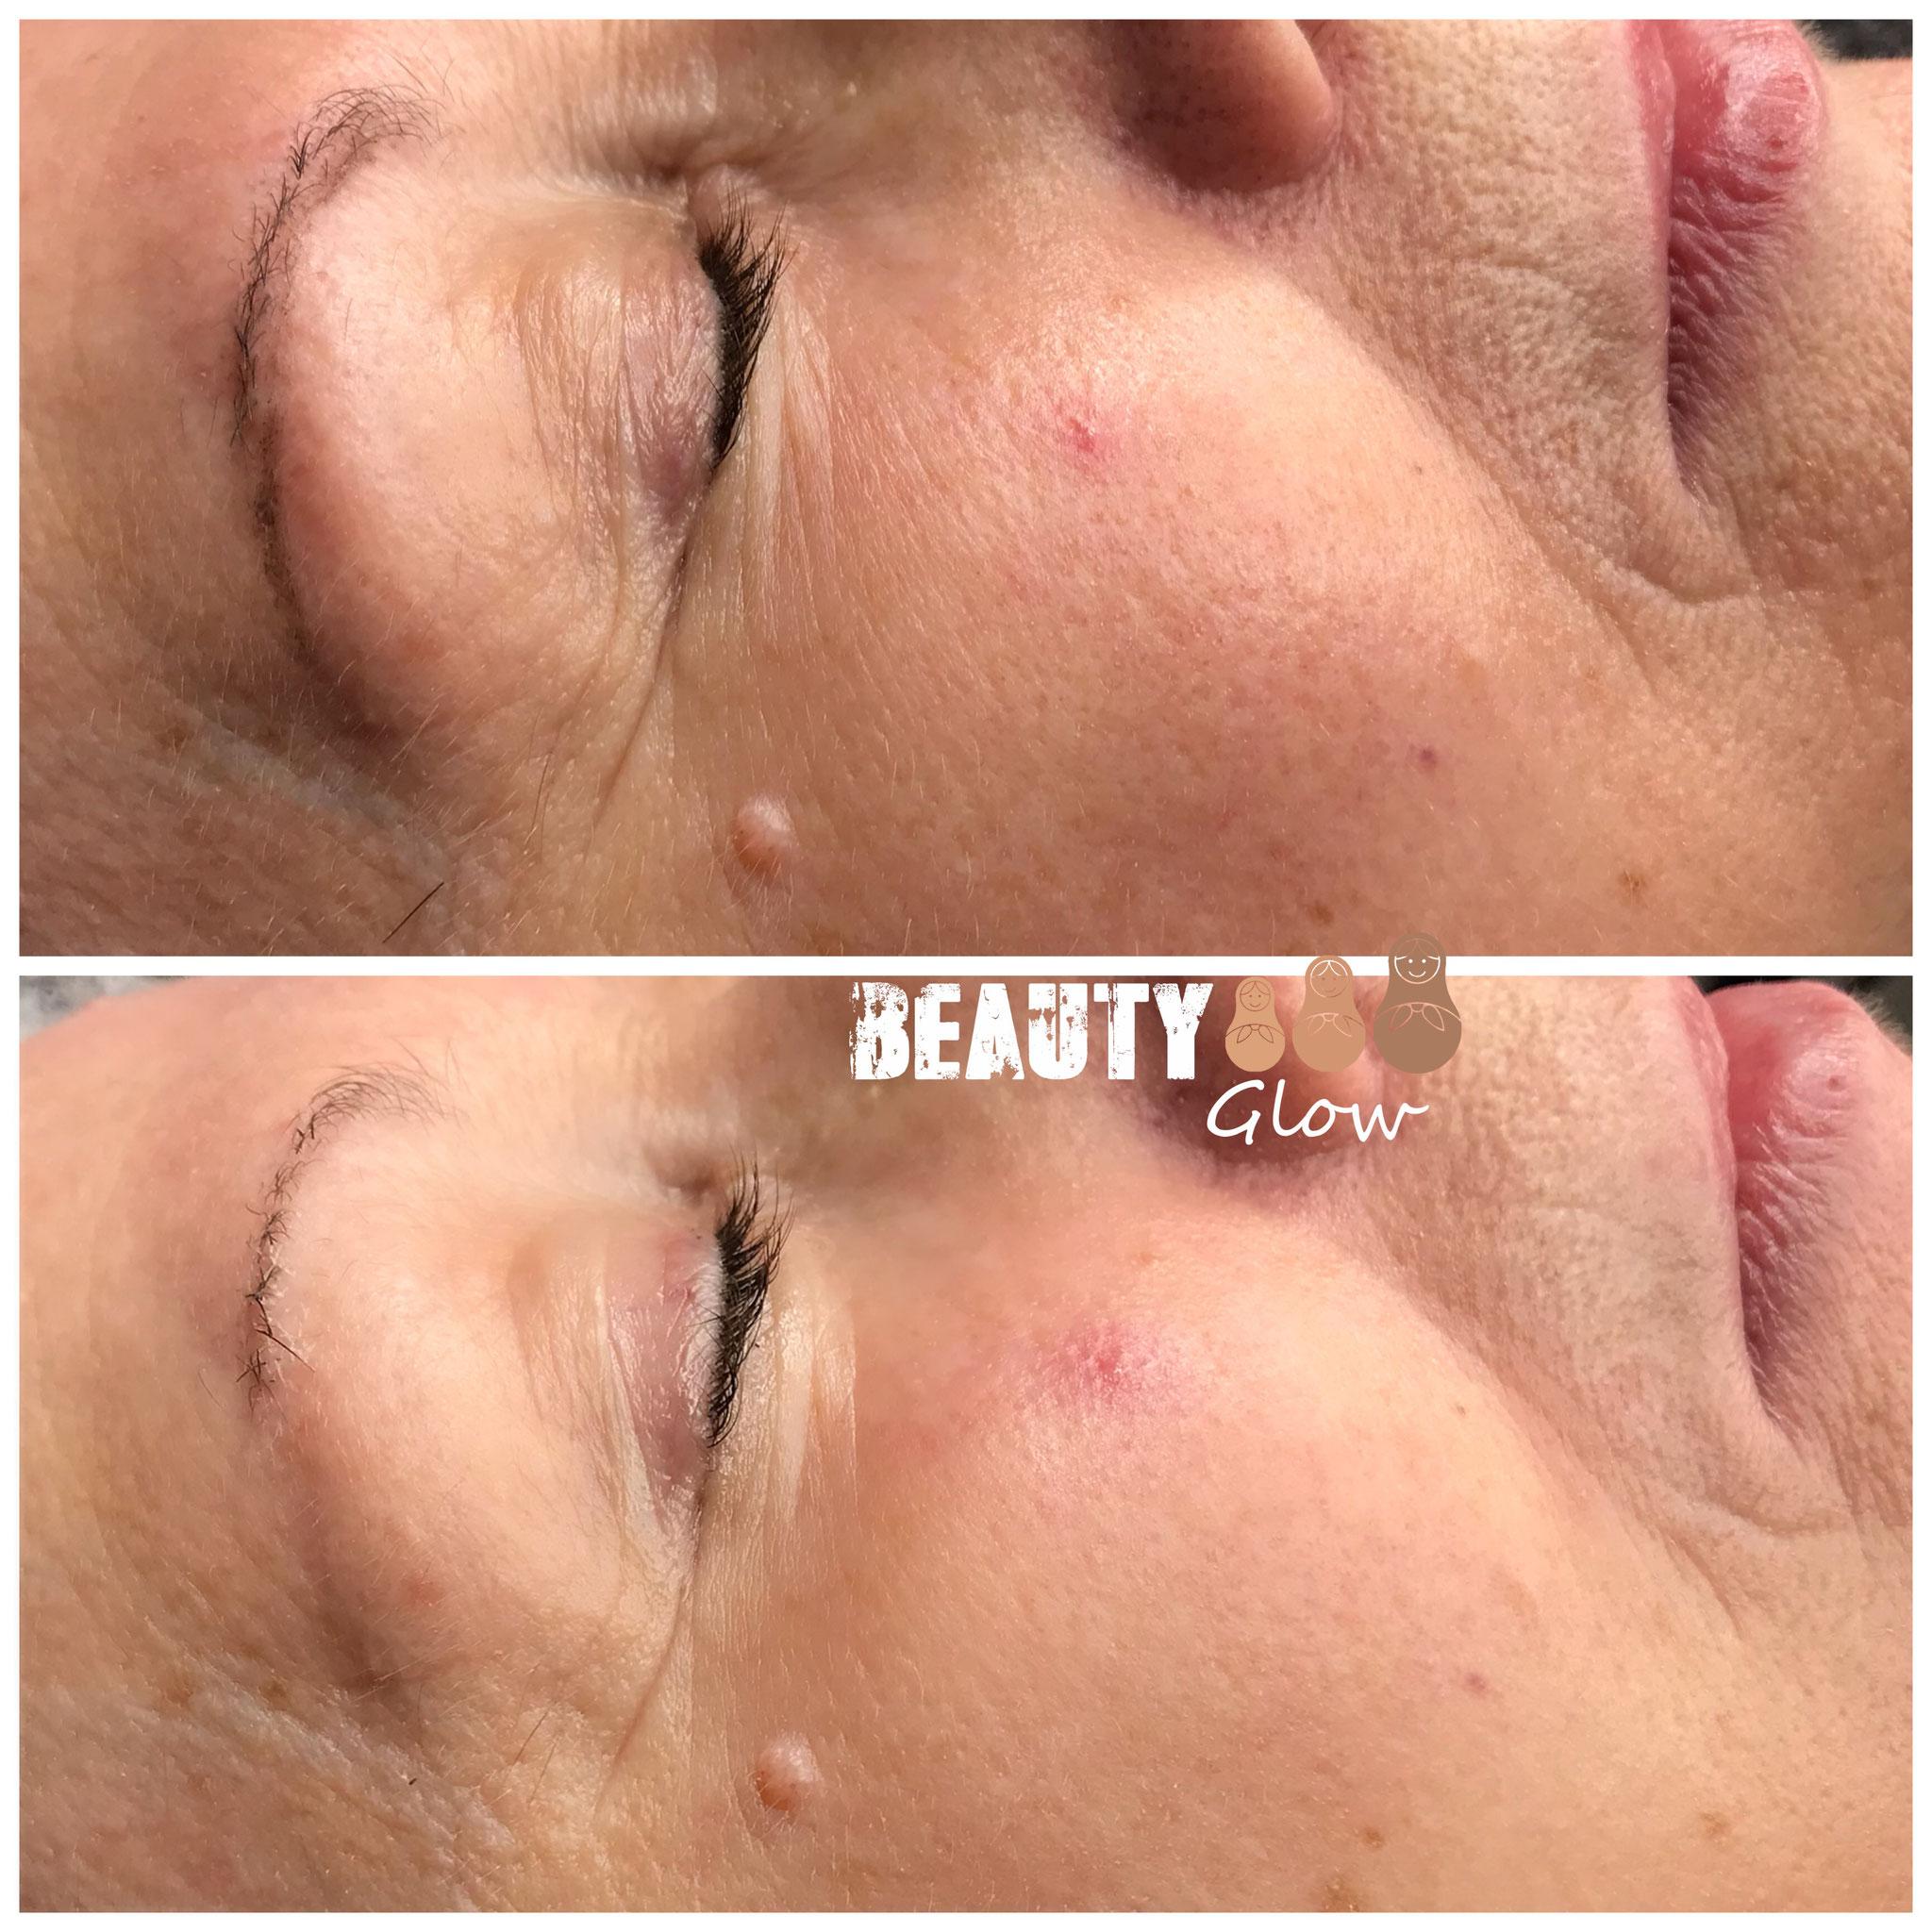 Beauty Glow - Gesichtsbehandlung